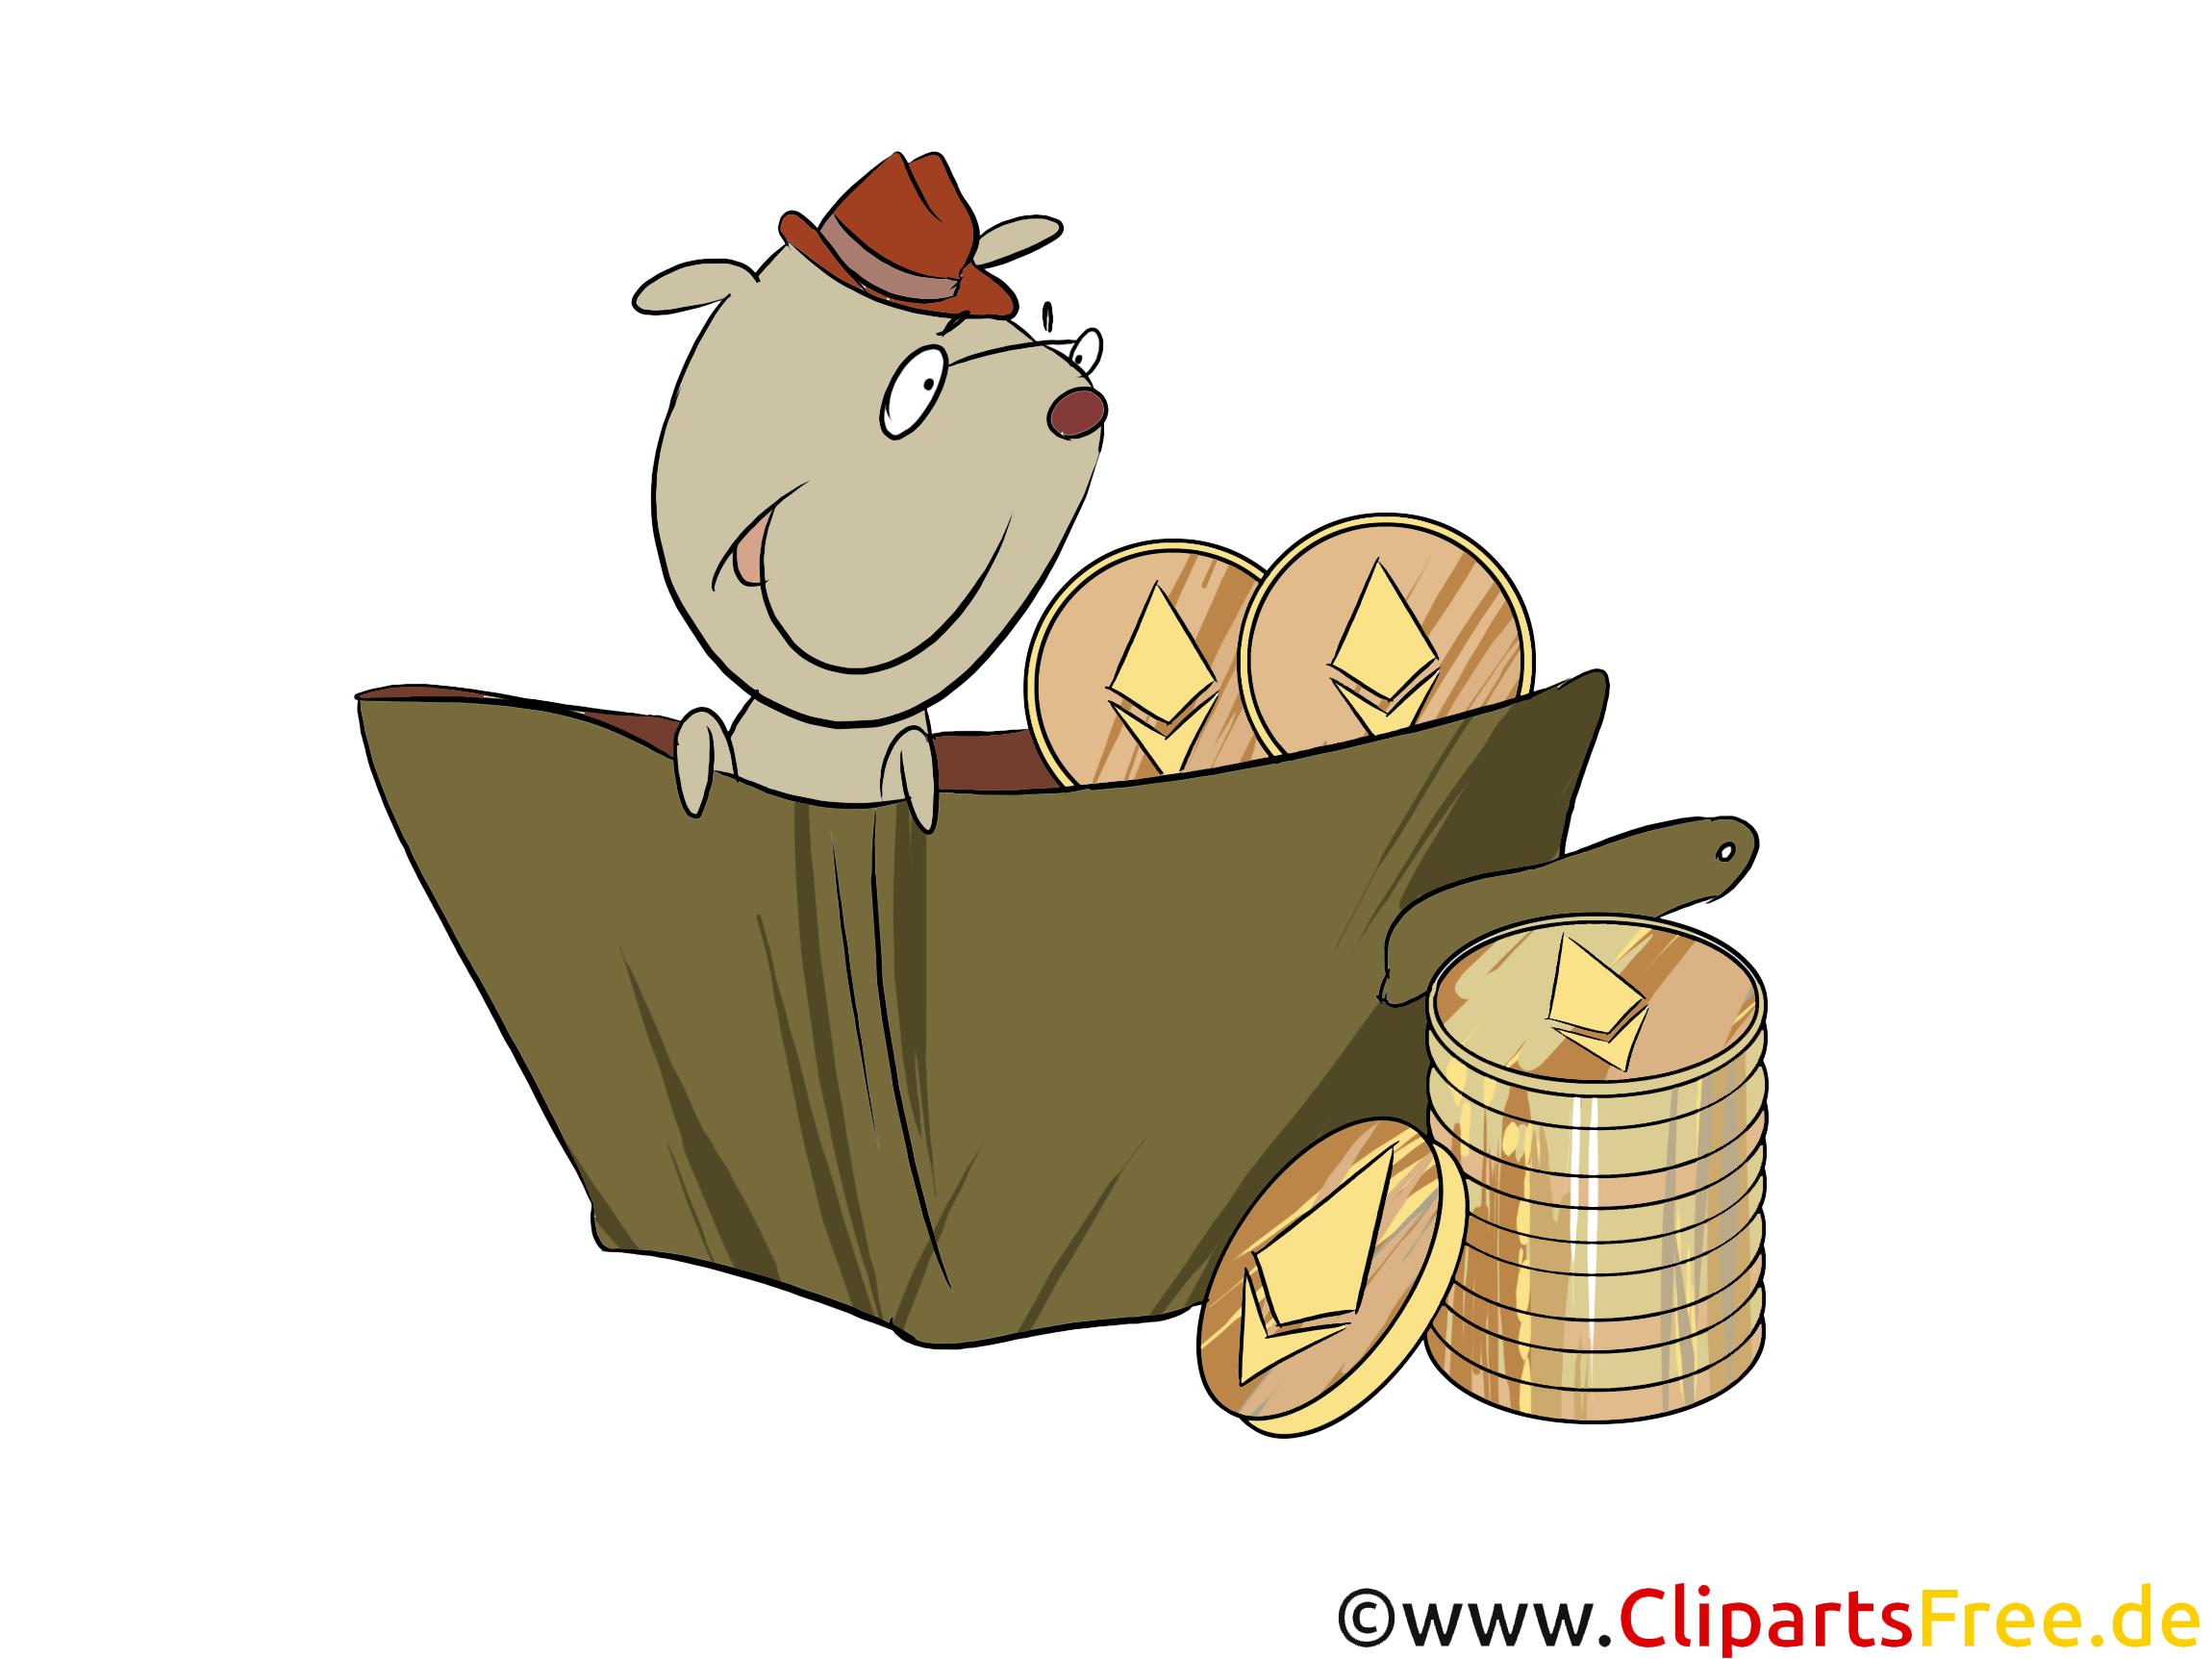 Hund in der Tüte mit Coins Clipart